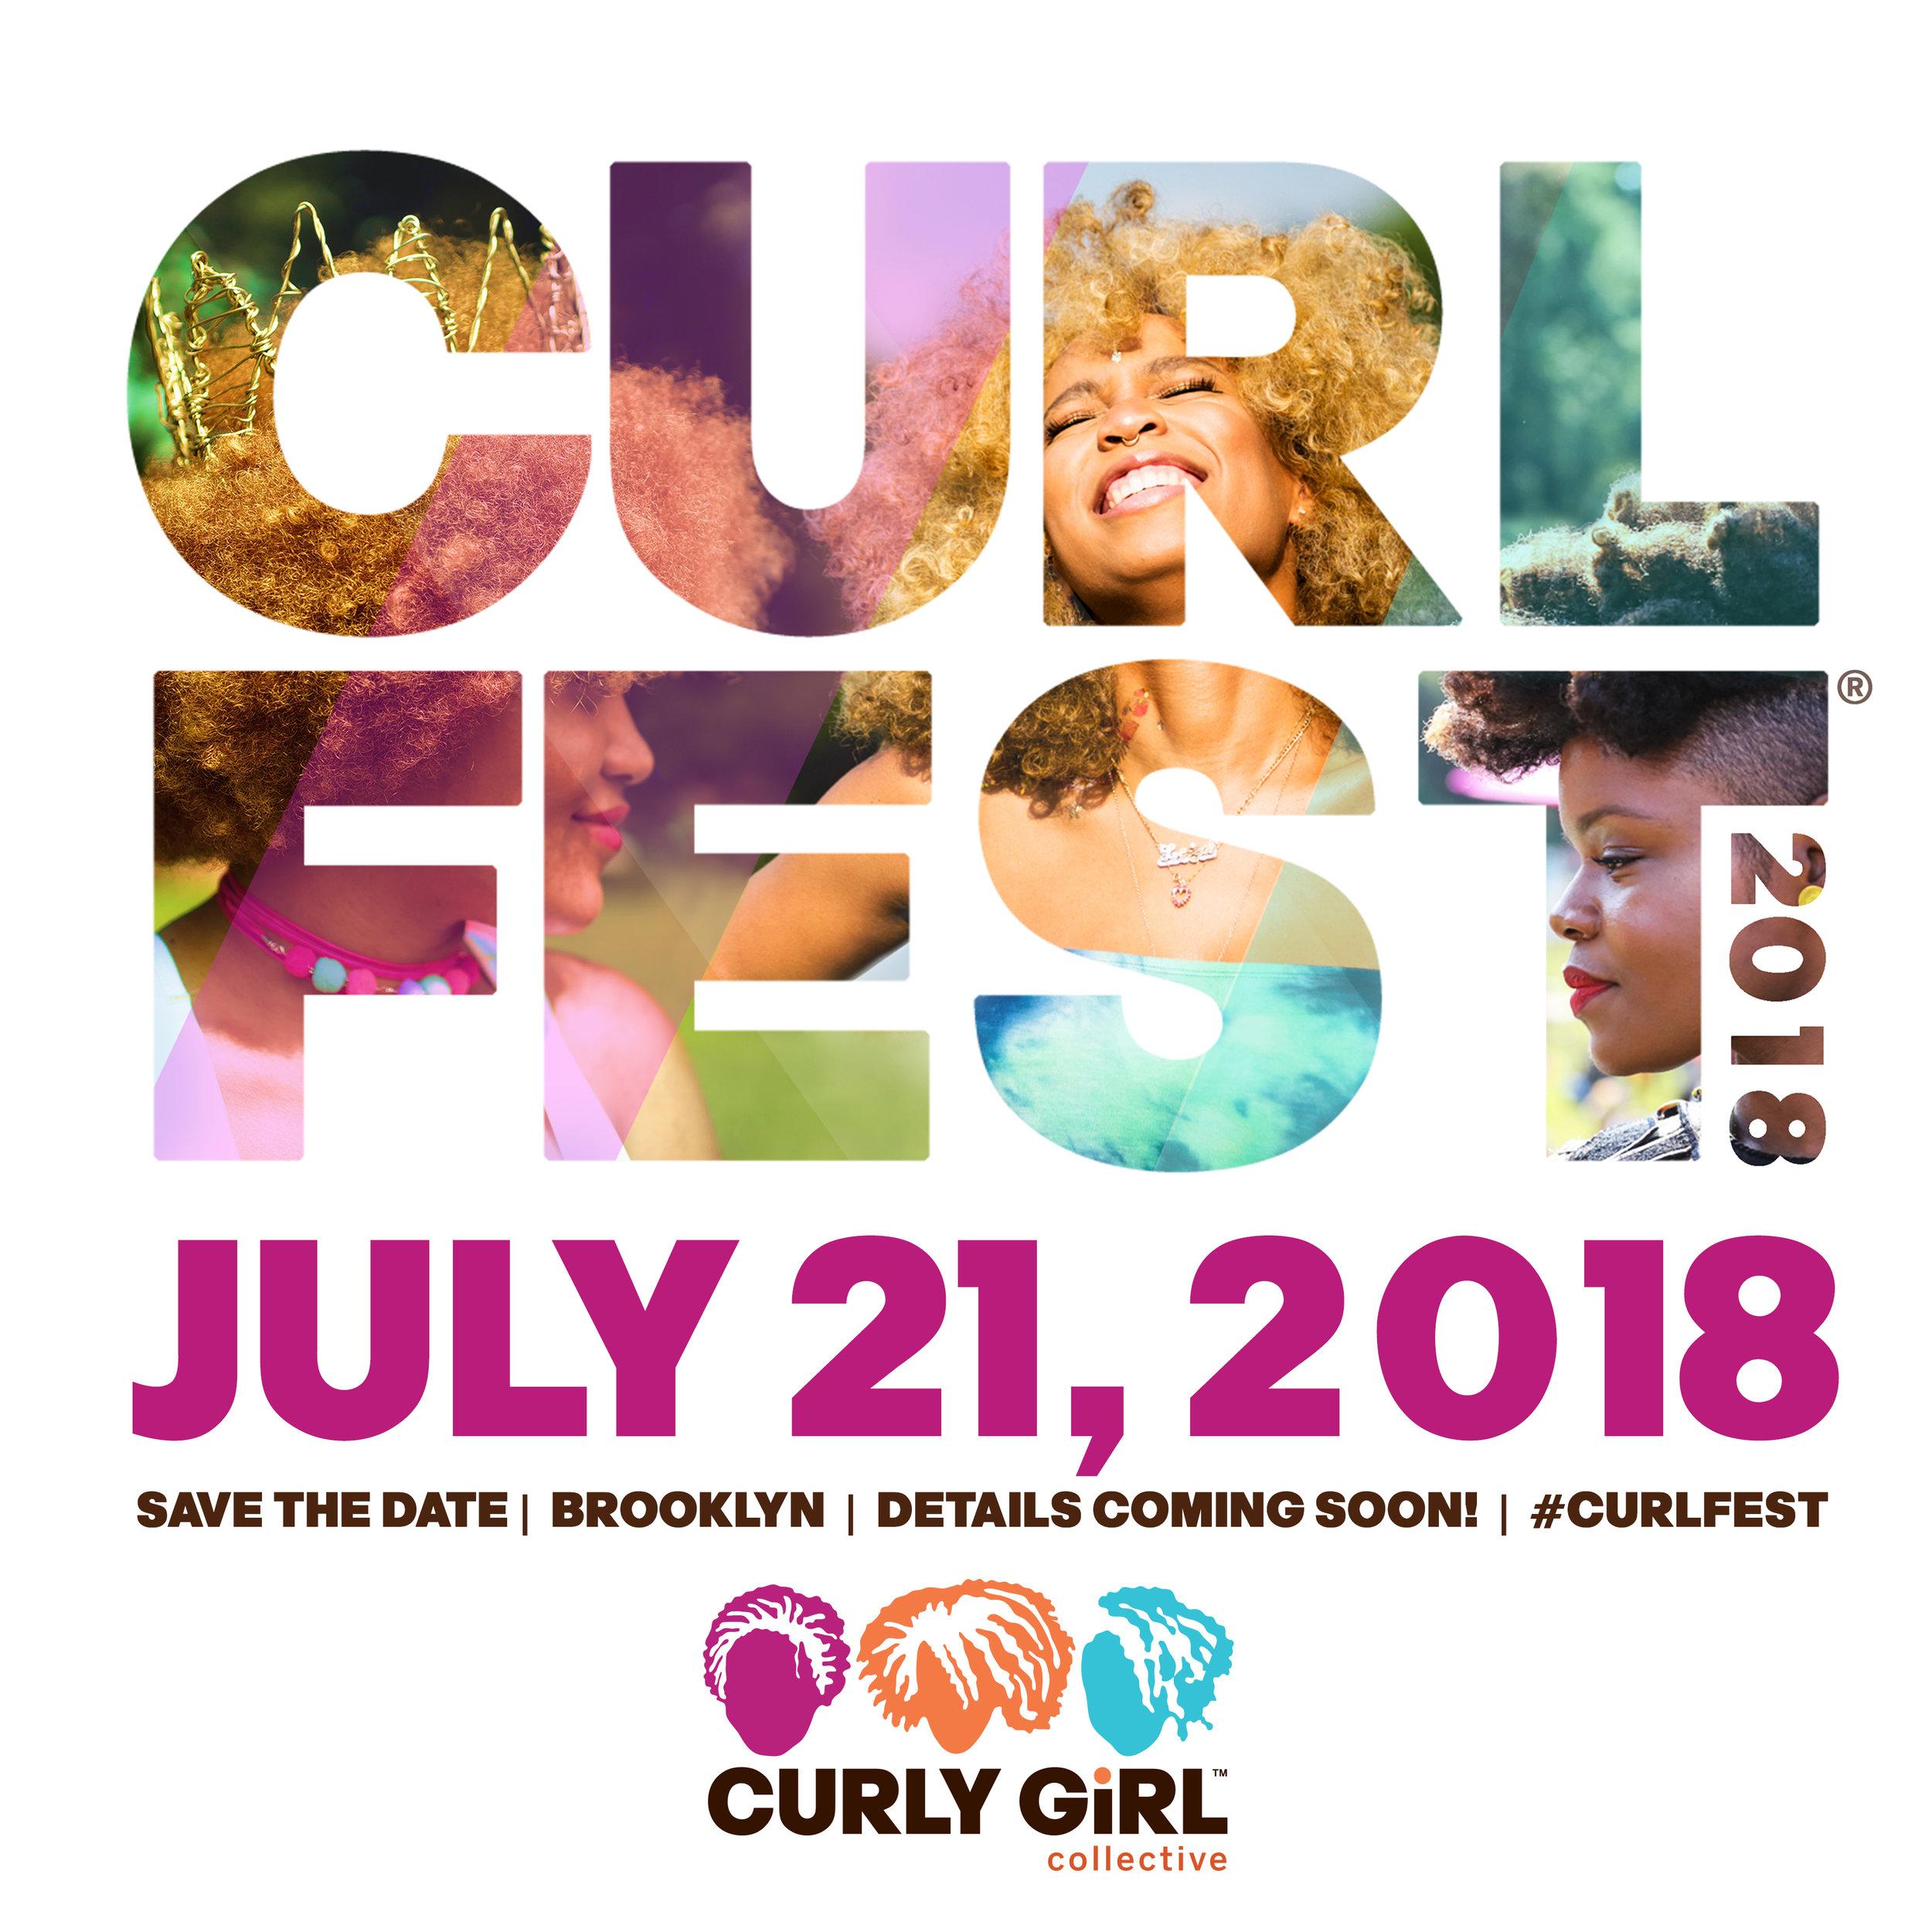 CGC_CURLFEST_2018-_SAVE-THE-DATE.jpg